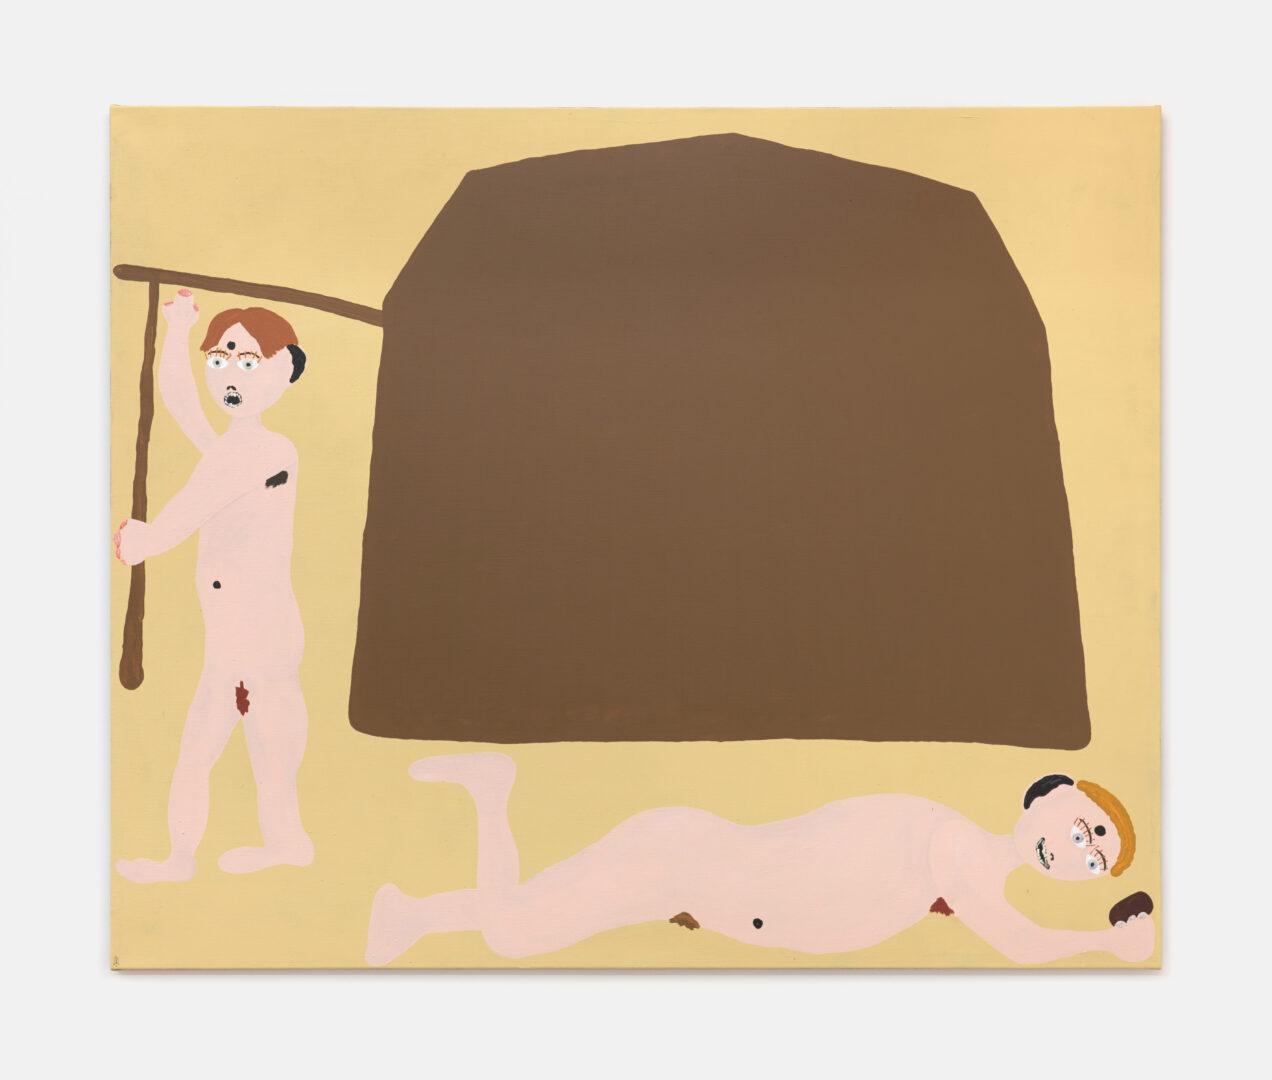 Exhibition View Philipp Schwalb Soloshow «O  Ich T ; view on Das Chaletzelt der verschiedenen Leben oder Wie die drei Philosophen Ihren Sinn in der Wüste suchen, 2019» at Kirchgasse, Steckborn / Courtesy: the artist and Kirchgasse